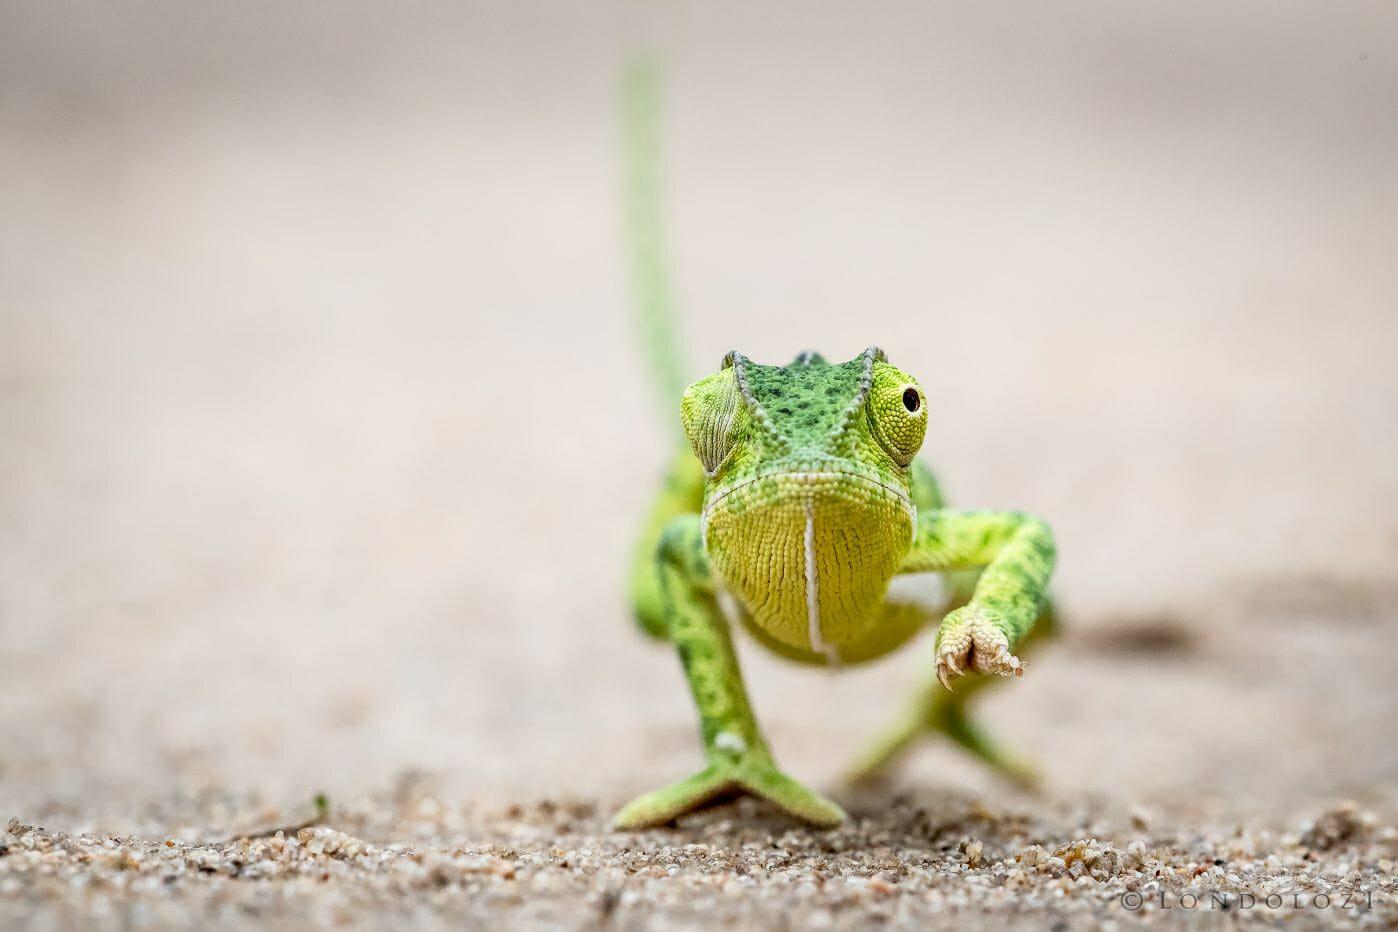 Chameleon Jt